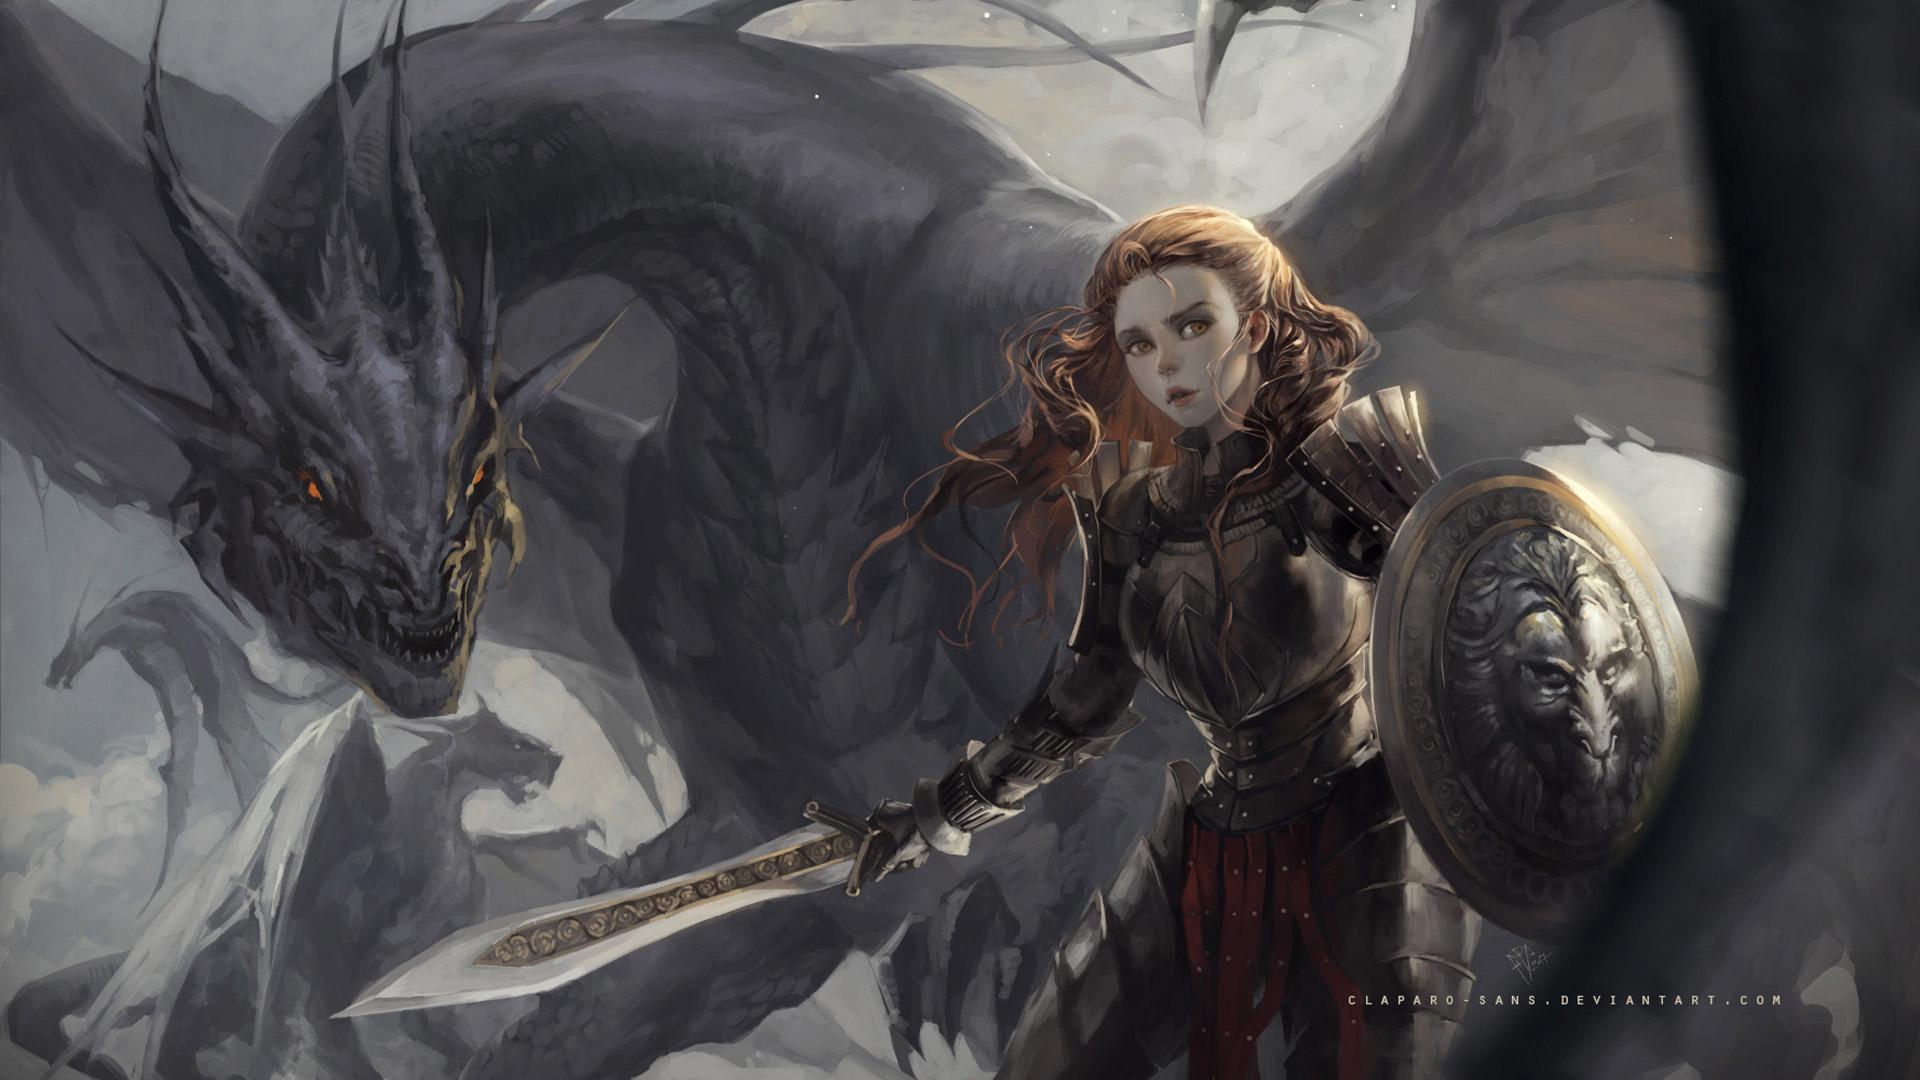 1080x1920 Rebekah Dark Souls 3 Artwork Iphone 7 6s 6 Plus Pixel